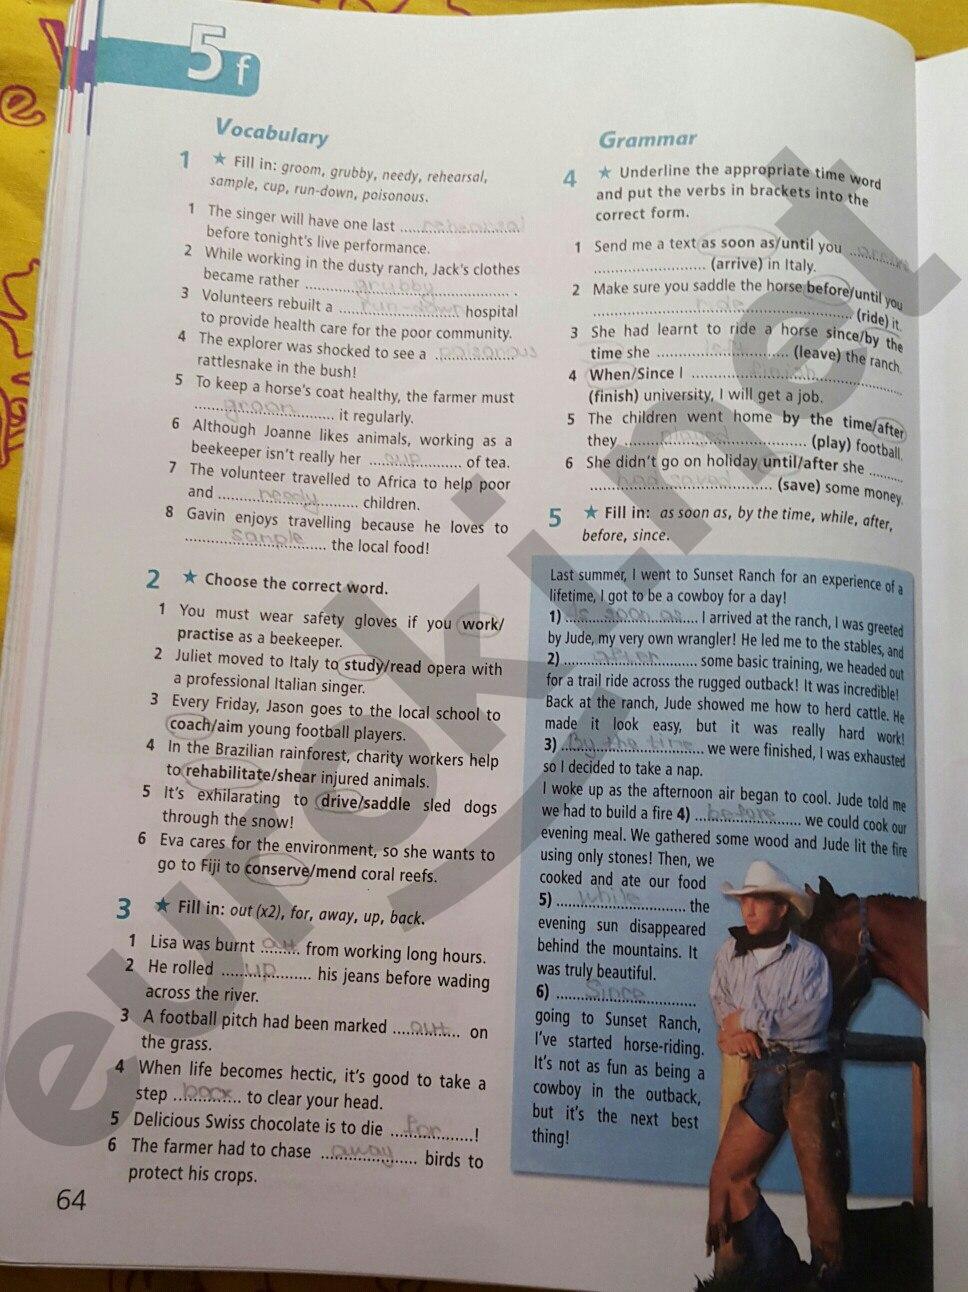 ГДЗ по английскому языку 8 класс рабочая тетрадь Баранова. Задание: стр. 64